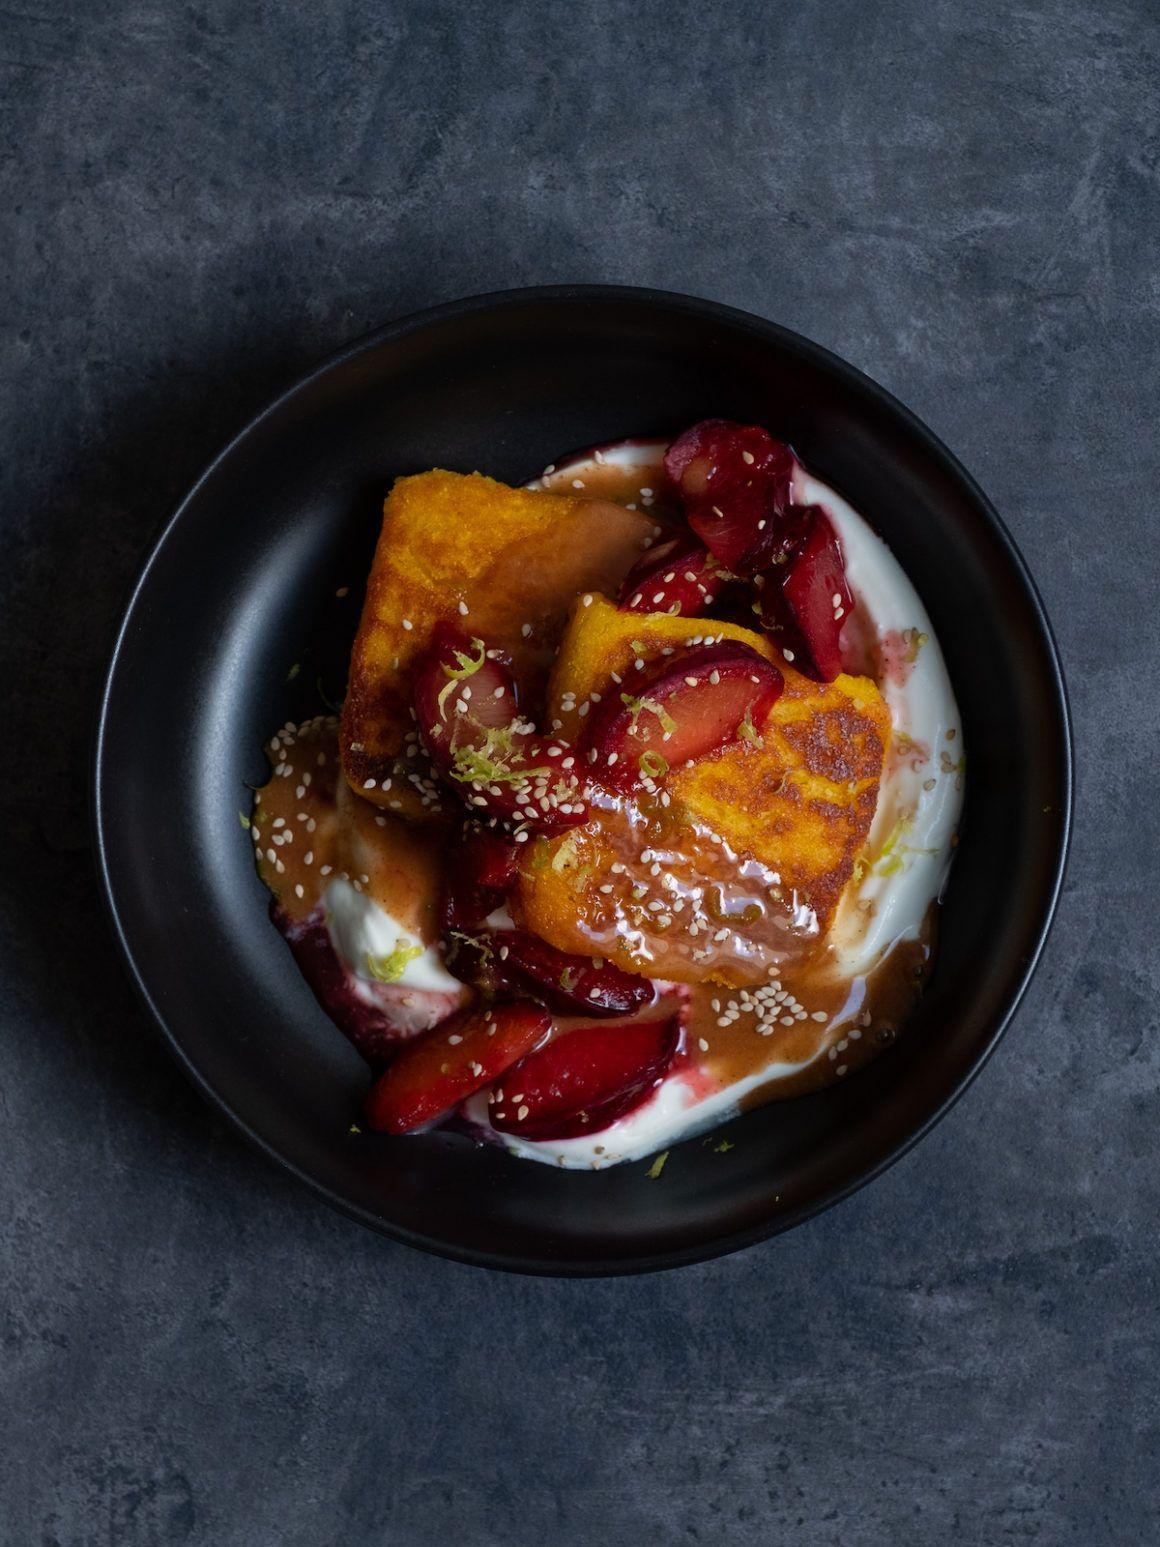 Foodblog, About Fuel, Polentaschnitte, Pflaumen, Zimthonig, Dessert, Joghurt, Sesam